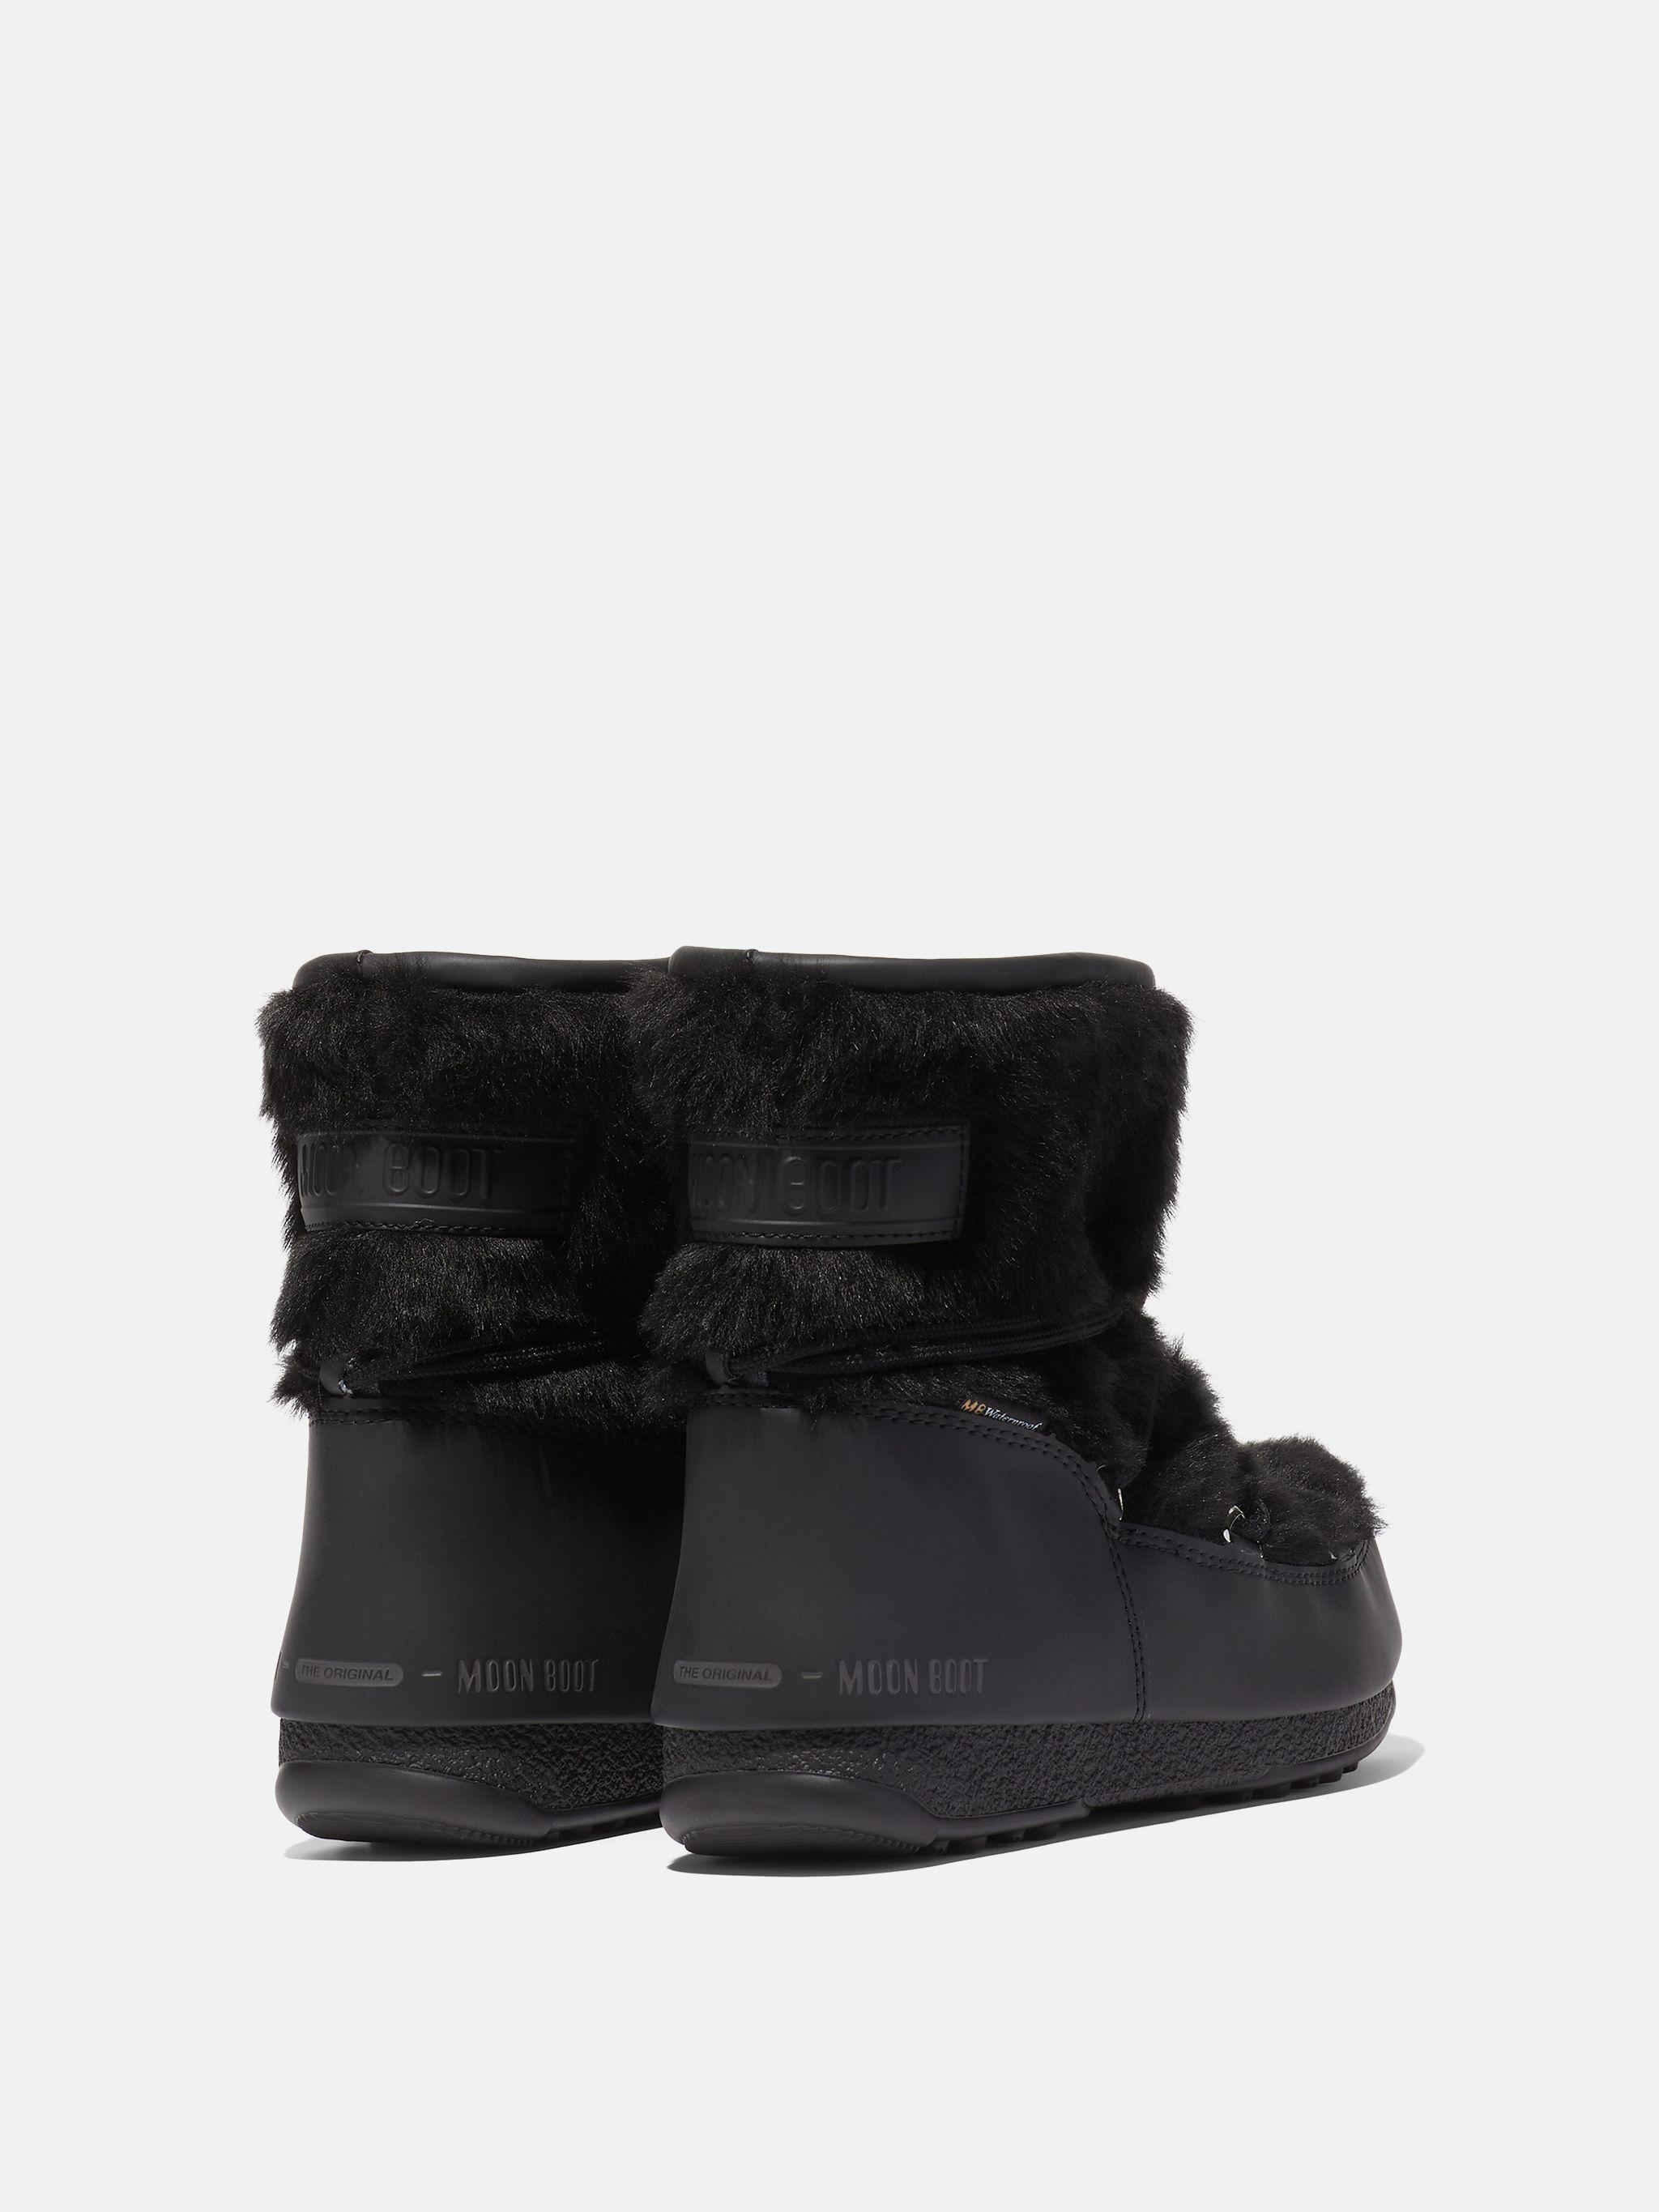 PROTECHT LOW MONACO BLACK FAUX-FUR BOOTS